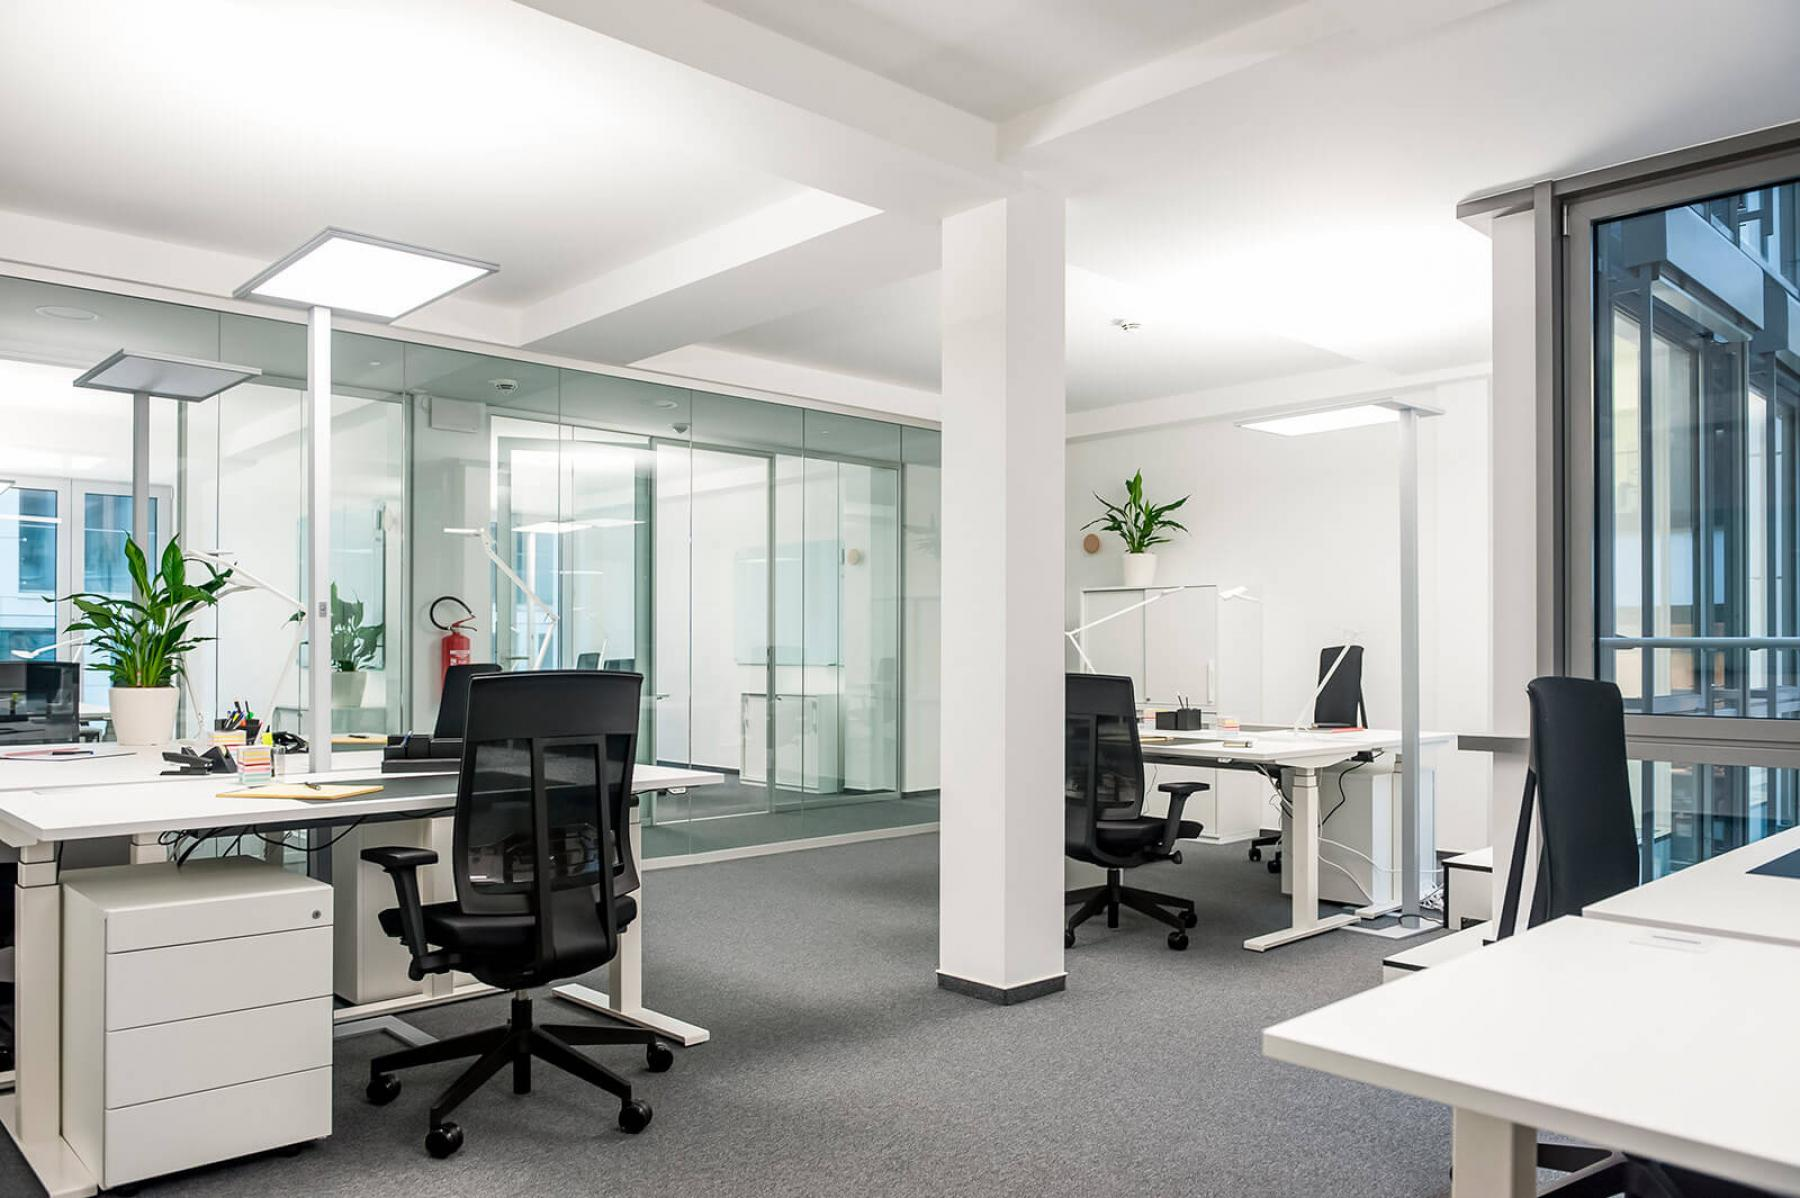 Großer Büroraum mit mehreren Arbeitsplätzen